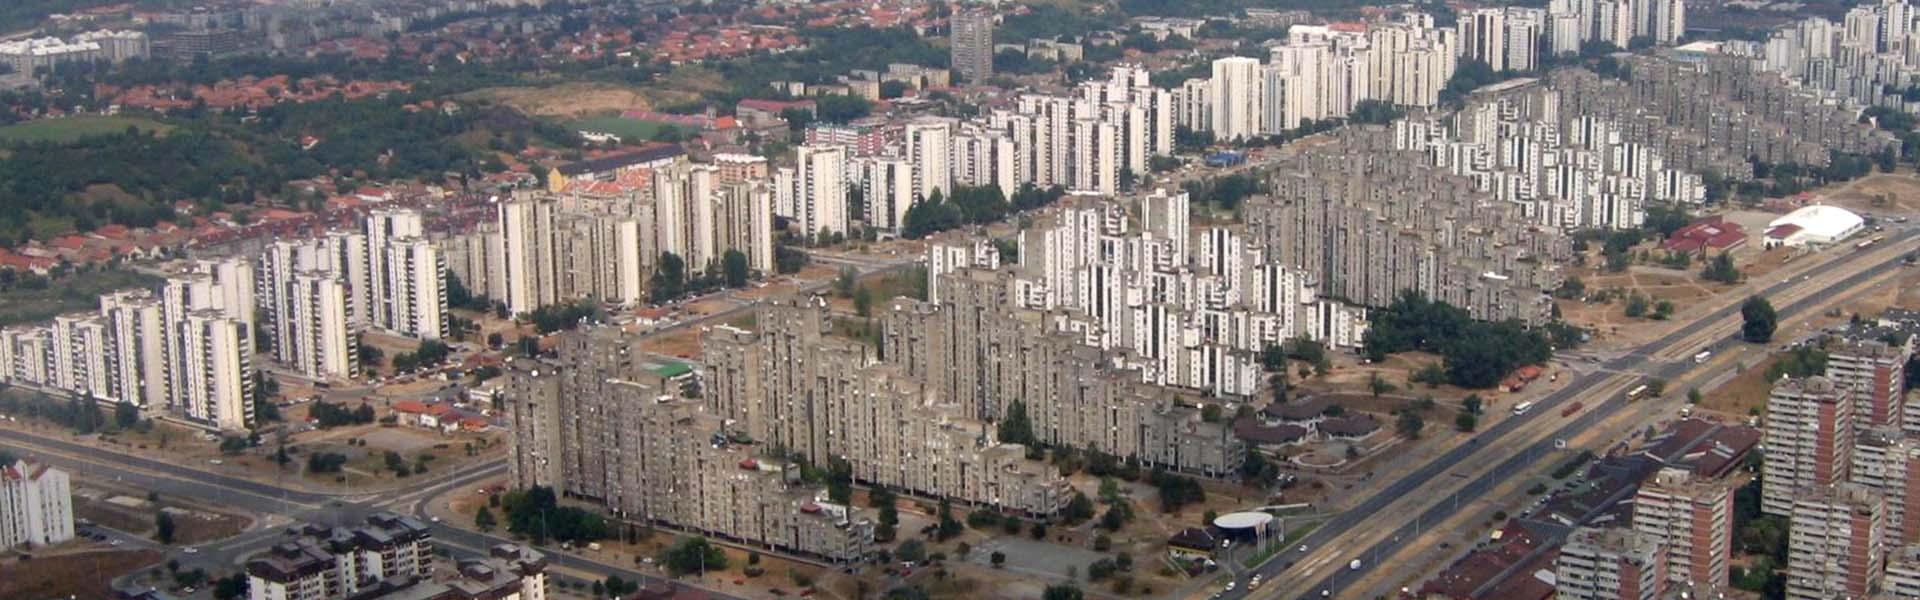 Dostava hrane blok 60, 61, 62, 63, 64 | Novi Beograd